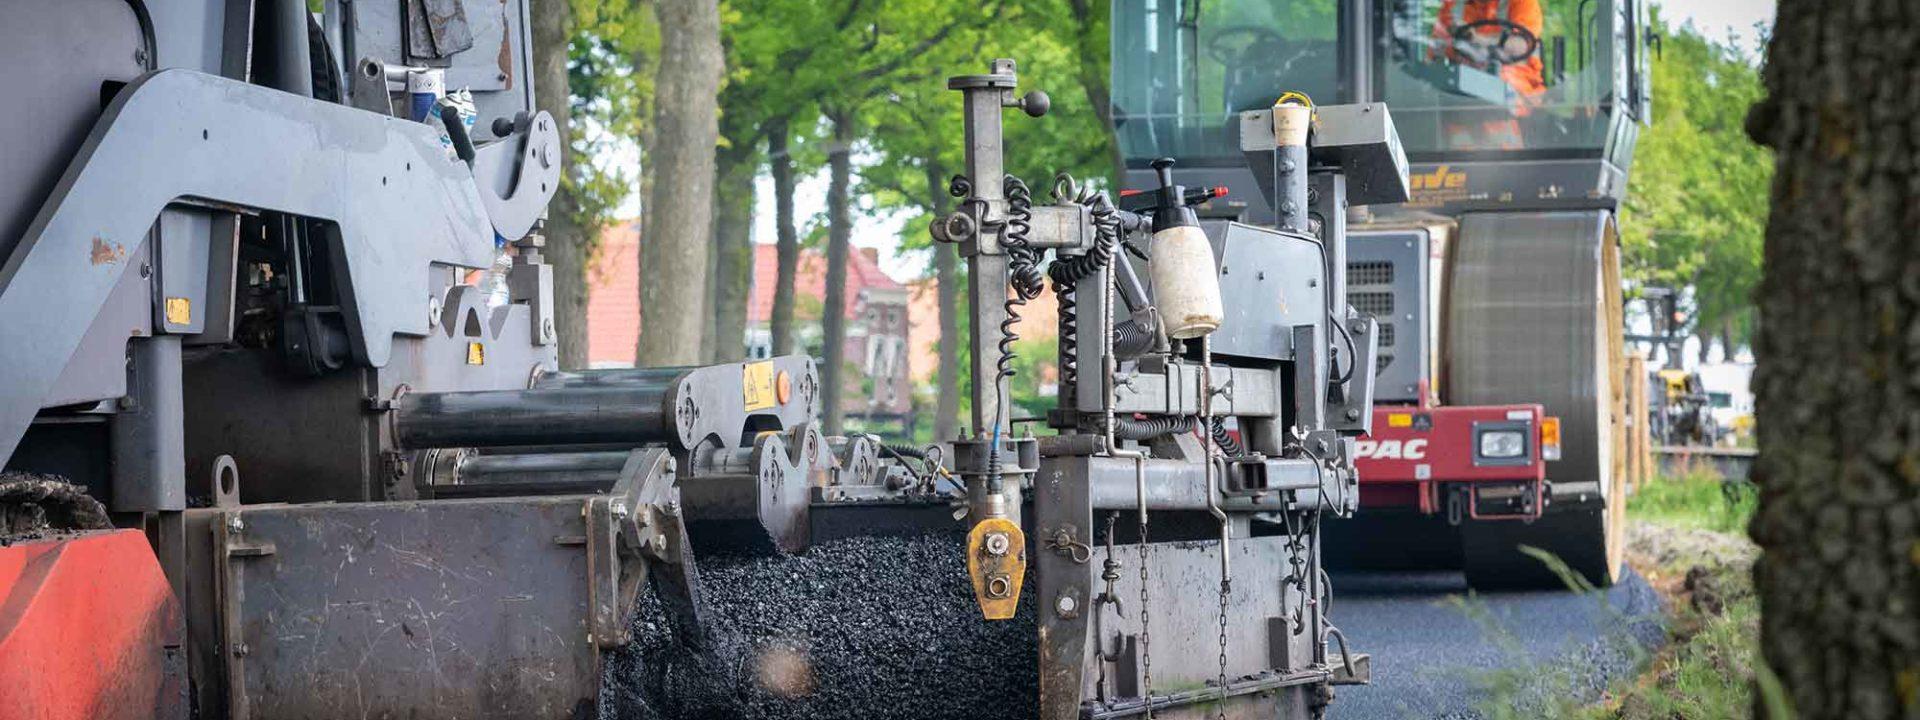 Asphalt with lignin test road construction